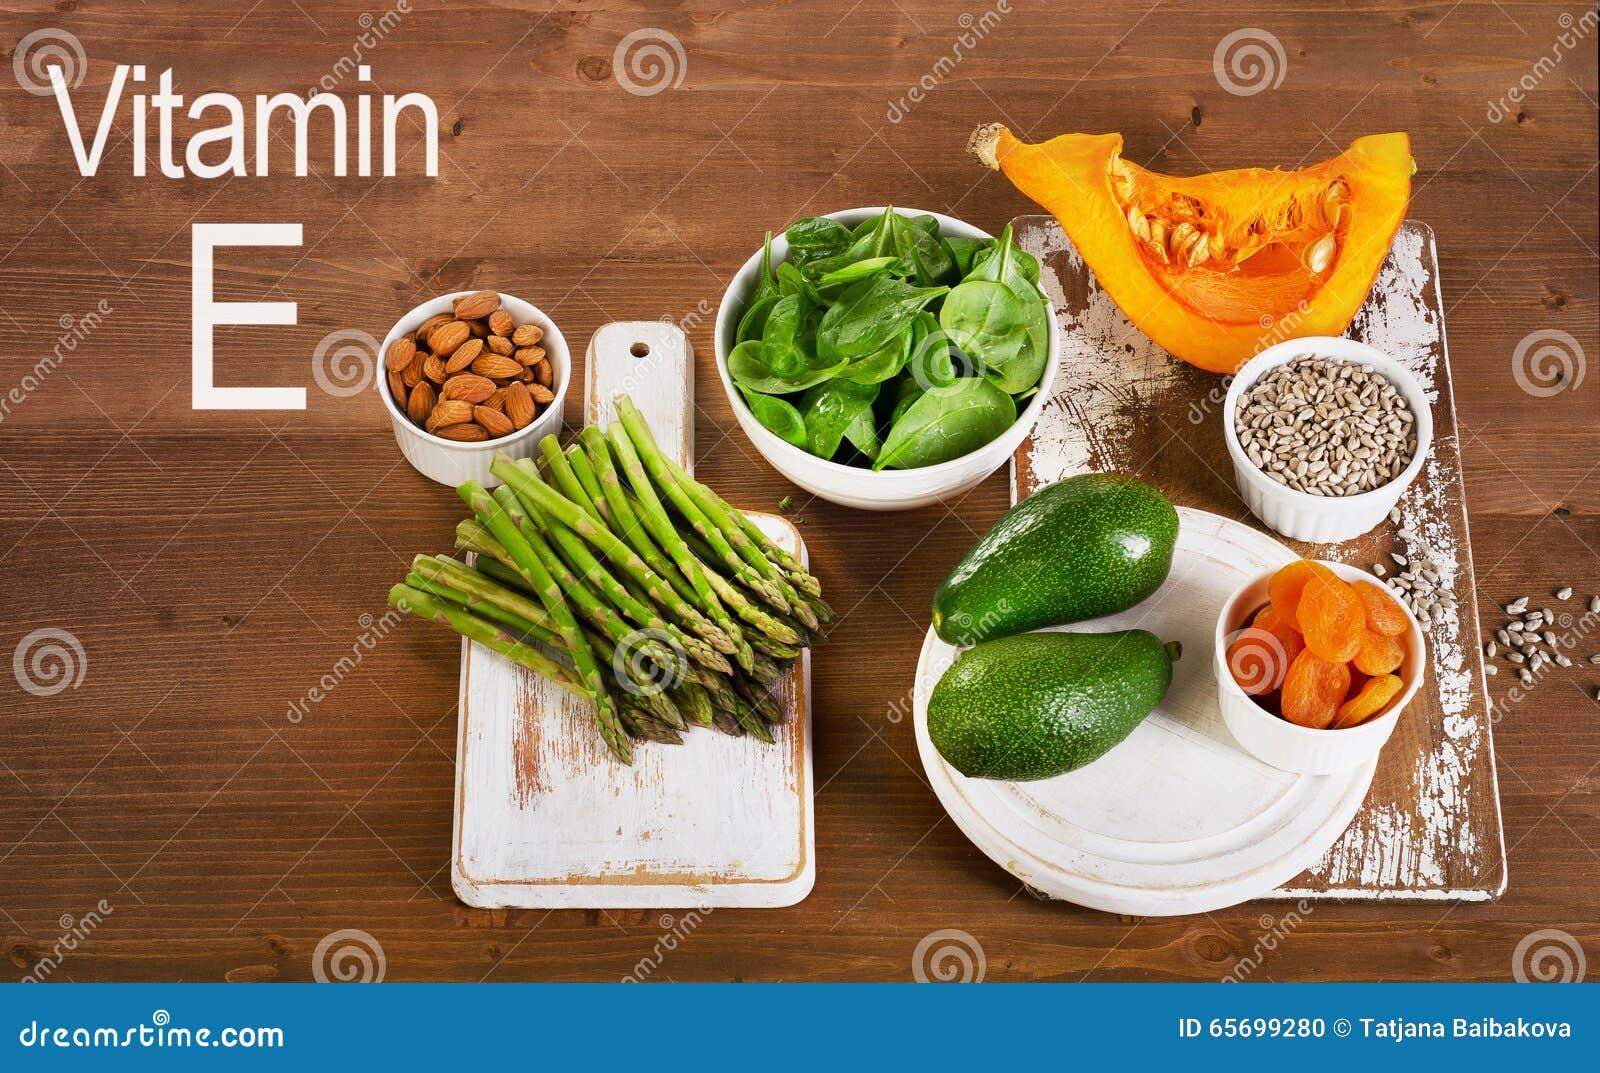 vitamin e mat